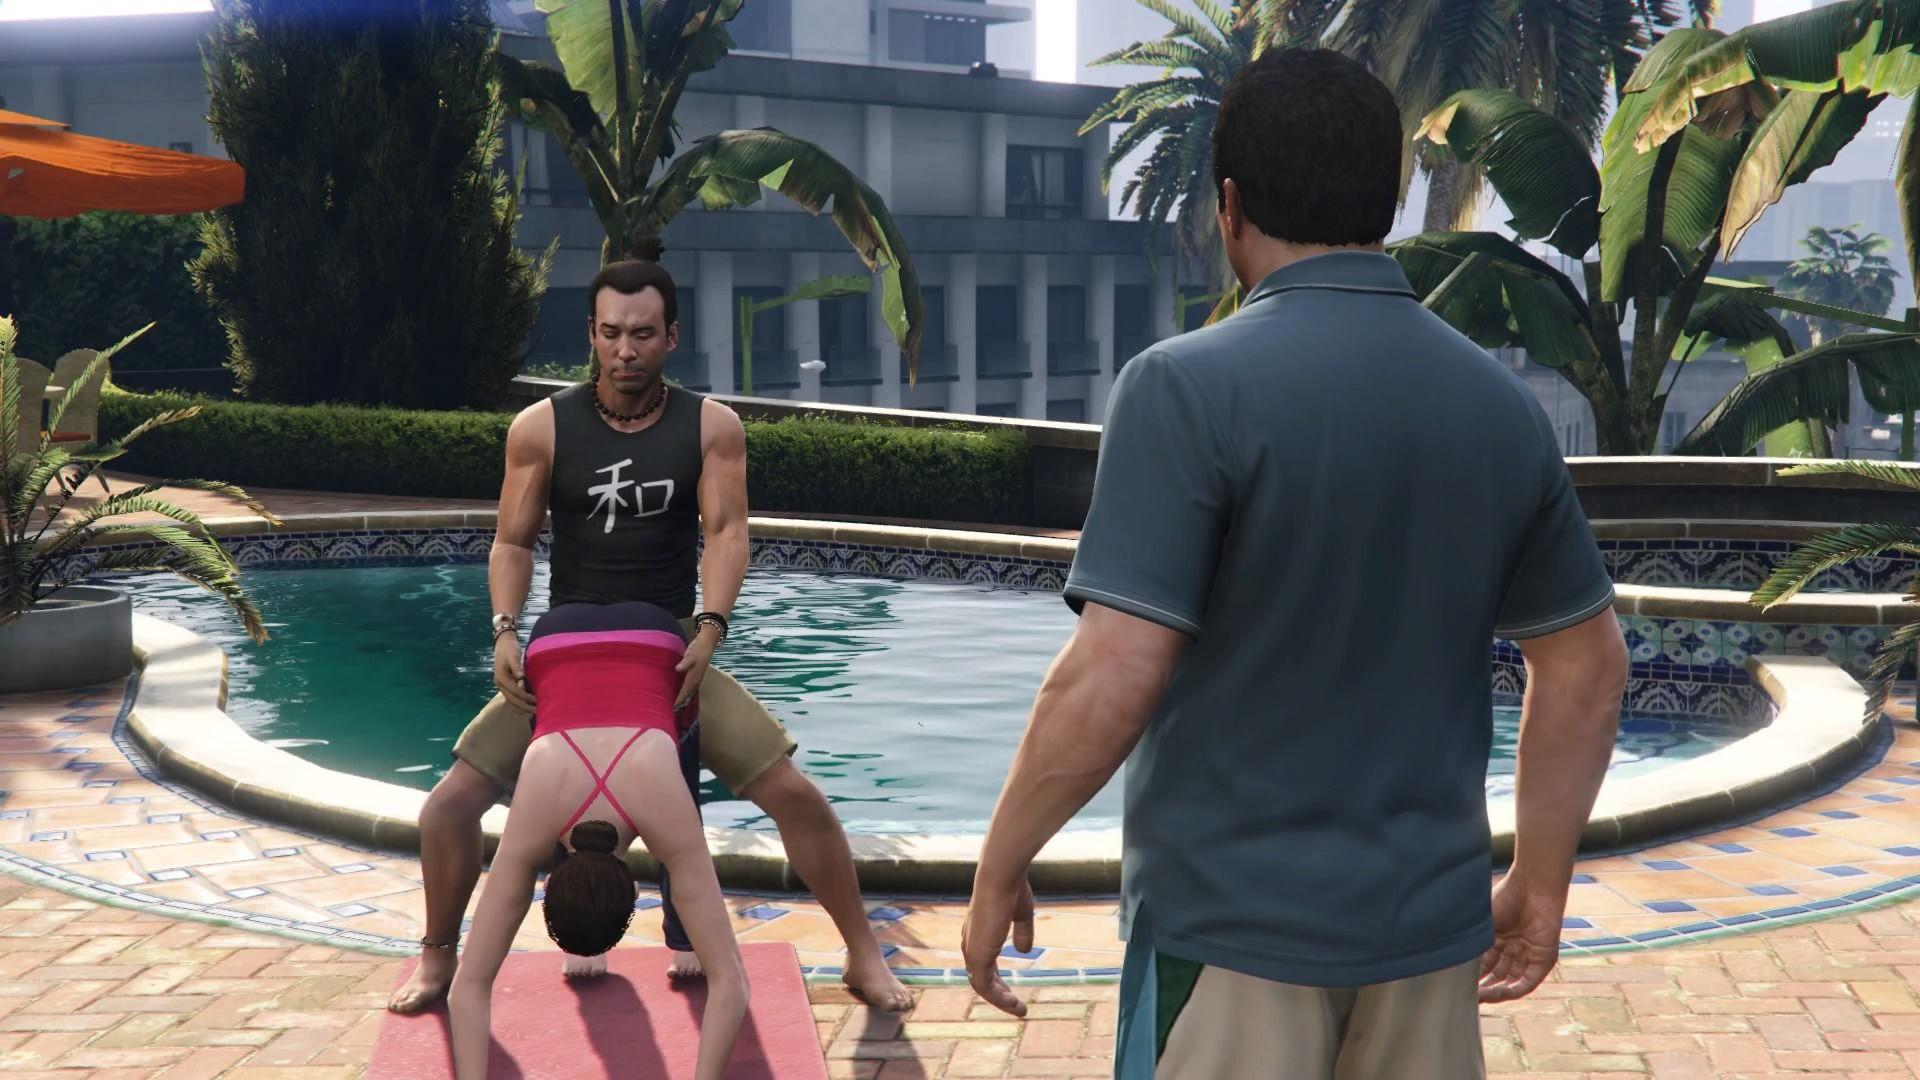 Personagem Michael de GTA V olhando dois personagens em frente de uma piscina.